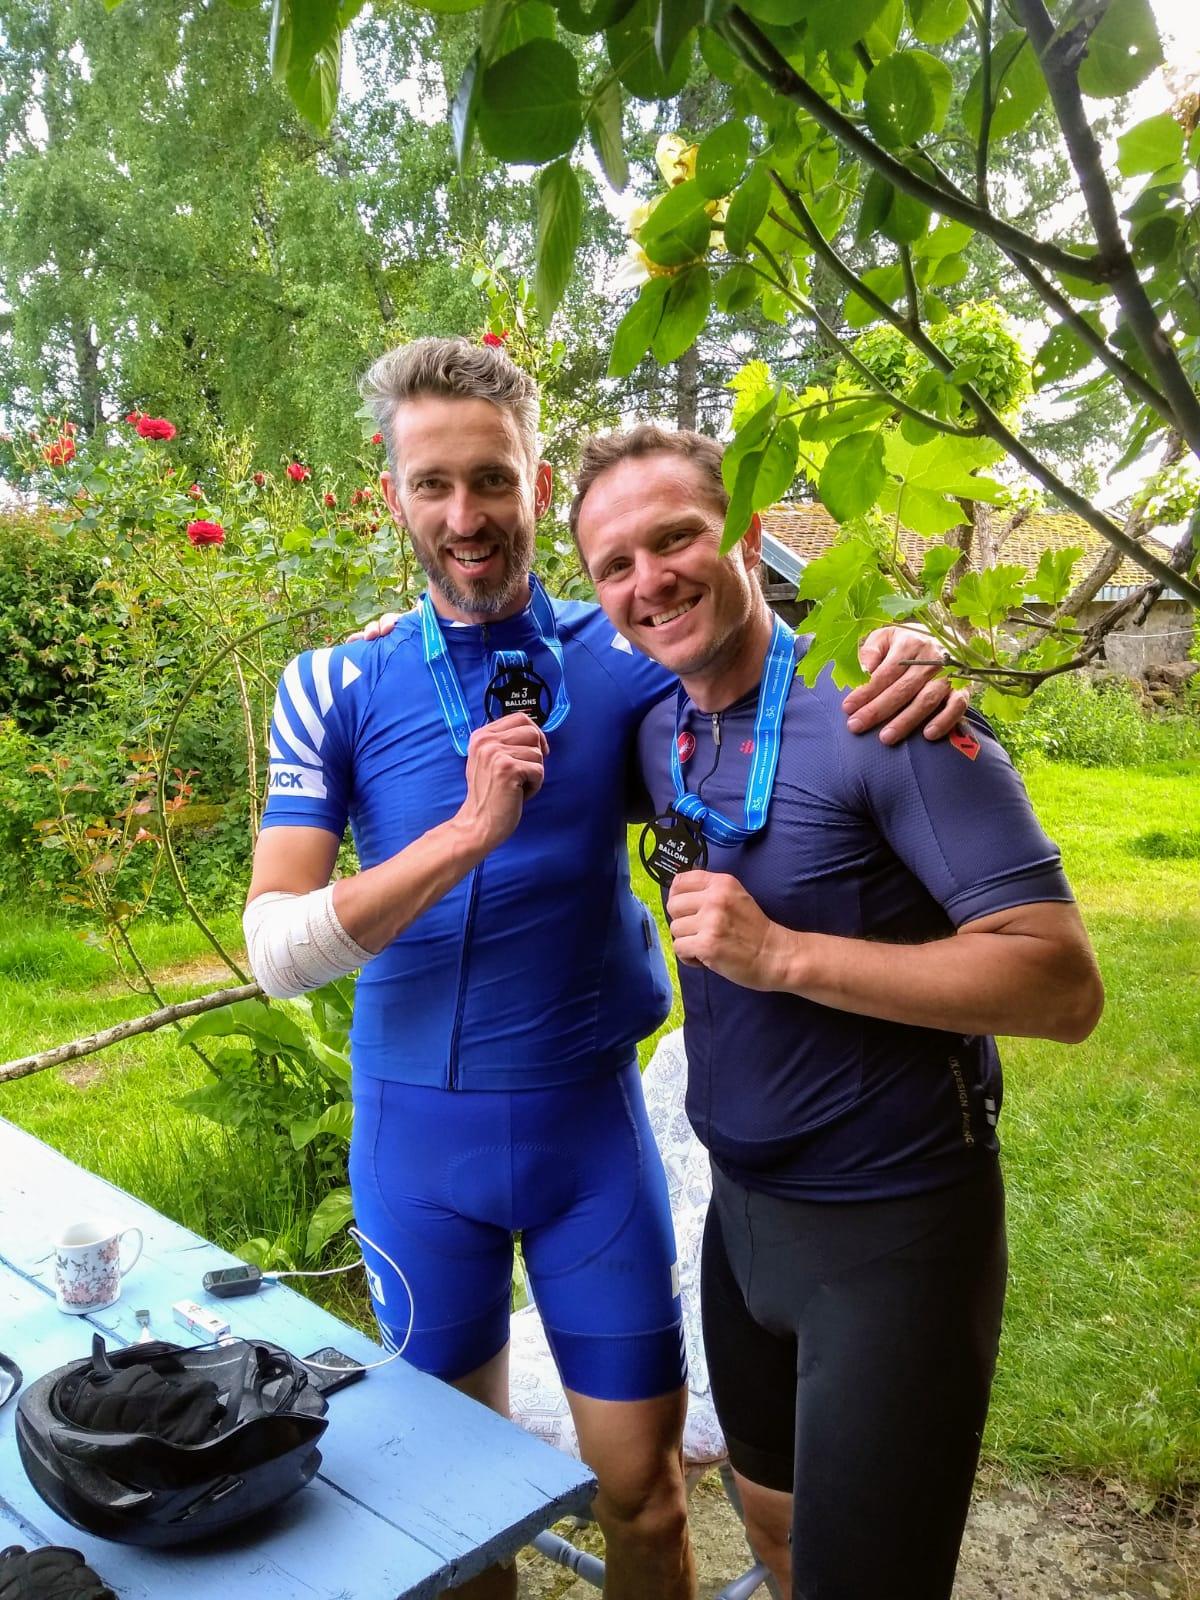 Daniel en Chios trots op hun medaille. Daniel na een val met de arm in het verband.